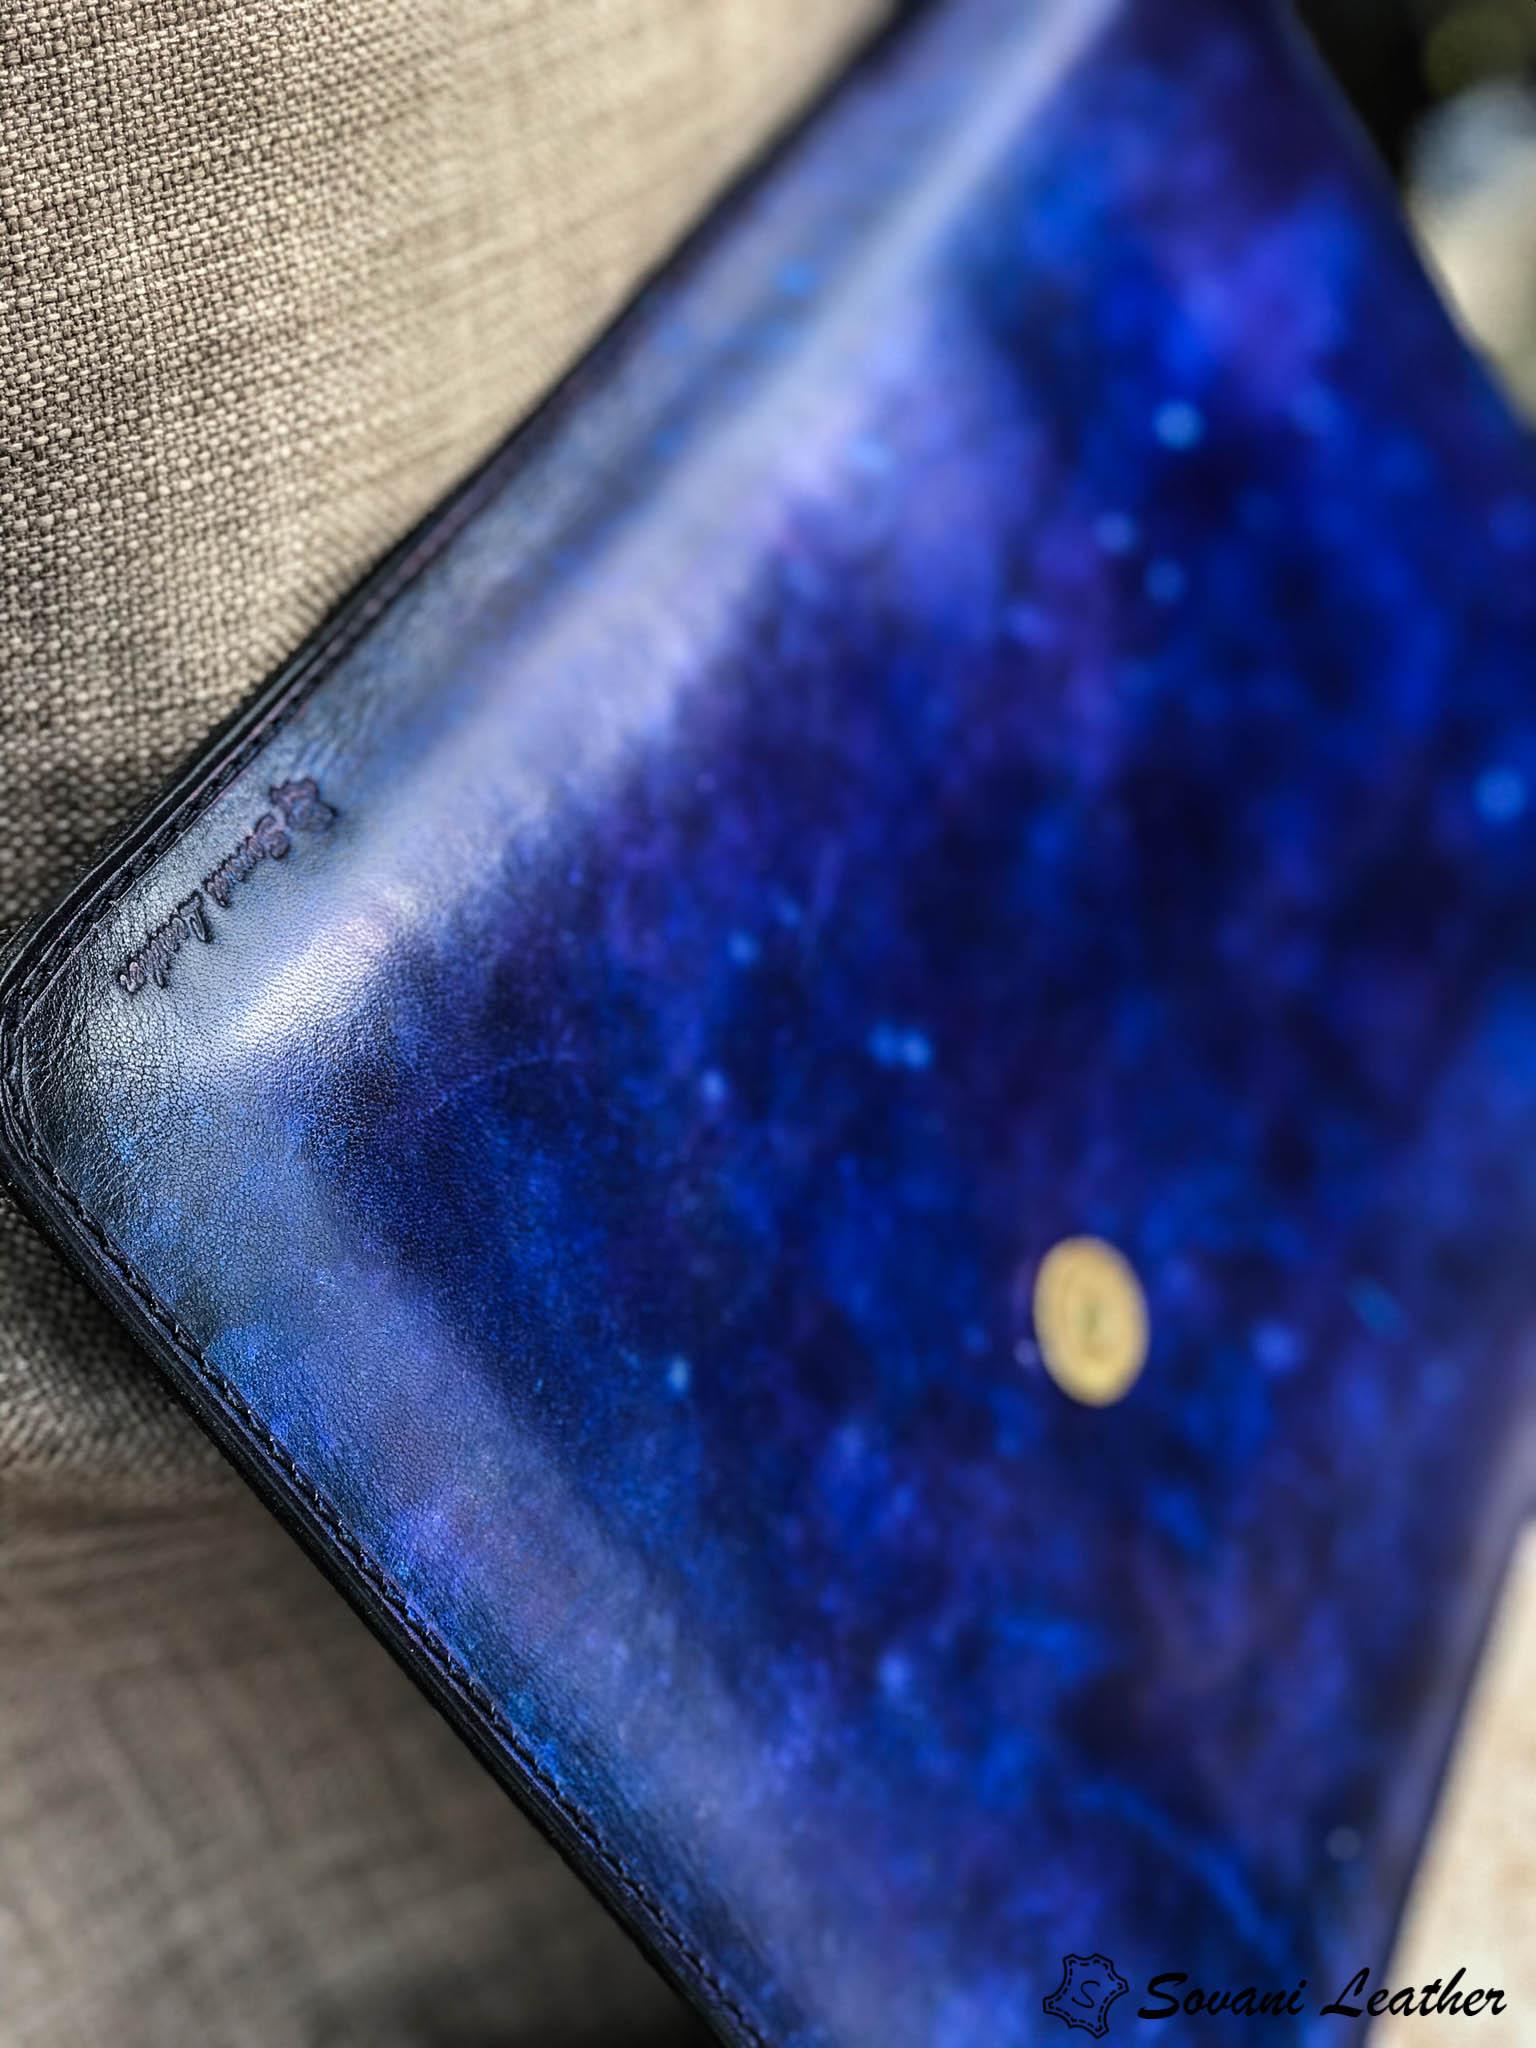 Bao da Macbook – Laptop – Surface – Ipad – table tap patina Xanh navy độc lạ 17